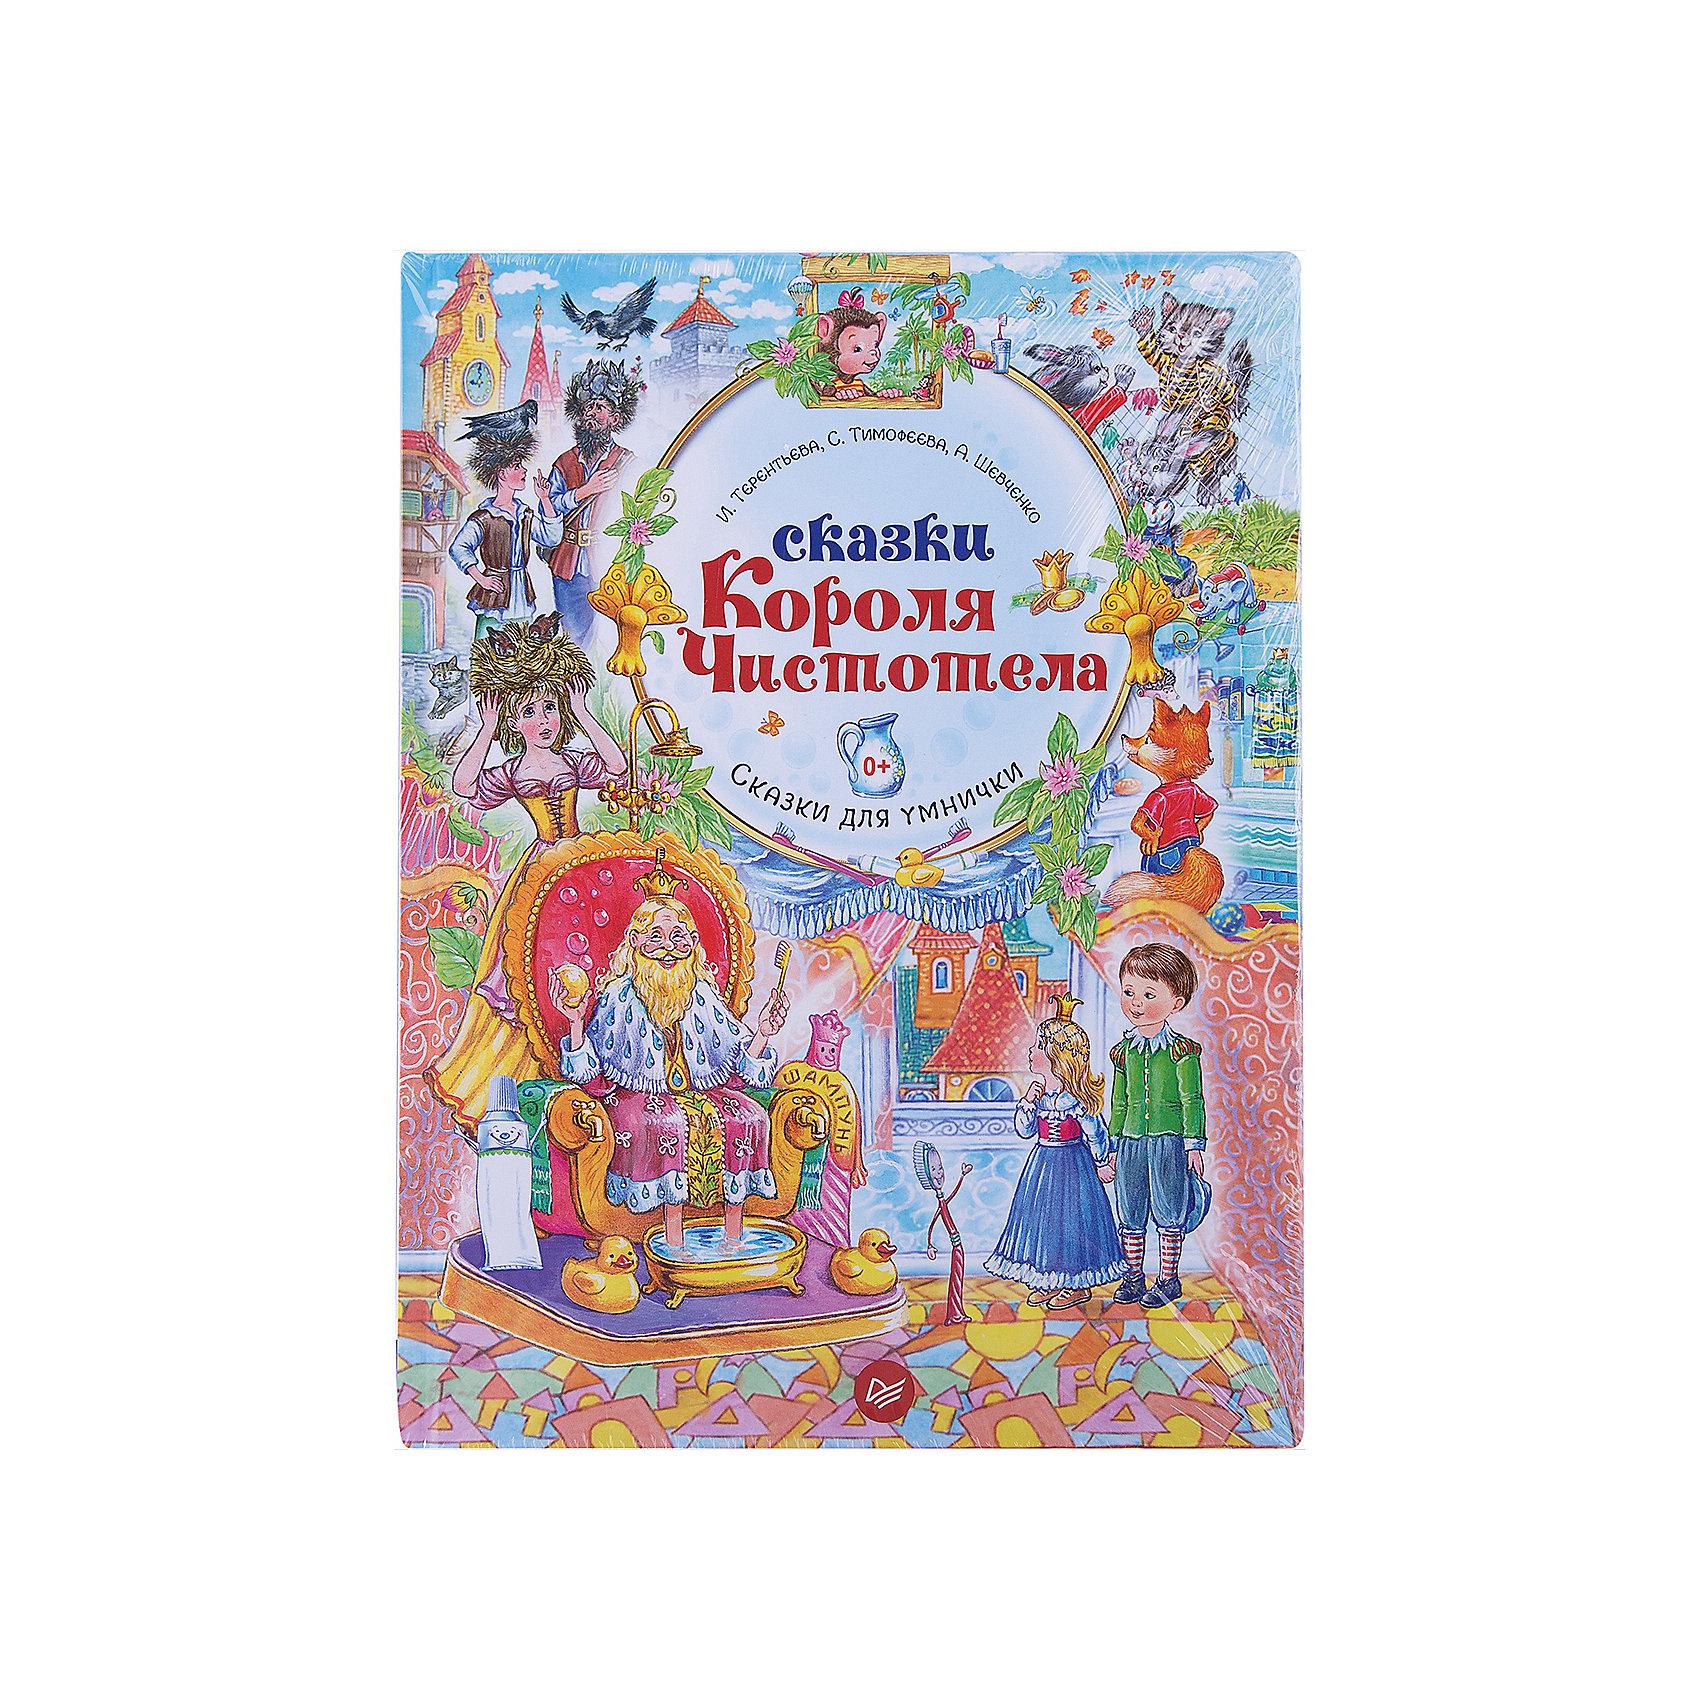 Сказки Короля ЧистотелаДетская психология и здоровье<br>Эта книга – сборник полезных сказок для детей. Чем же эти сказки отличаются от обычных? Тем, что они помогают родителям перестать читать детям нотации, а учат решать проблемы при помощи сказок. Зачем по десять раз на дню повторять «Убери игрушки», если можно прочитать добрую и поучительную сказку, и ребенок начнет сам убирать игрушки. <br>Эти сказки будут интересны детям не только благодаря своему сюжету, но и интересным обучающим заданиям. Ребенок просто не сможет оторваться от книги, ведь это будет не только чтение, но и развивающая игра.<br><br>Ширина мм: 260<br>Глубина мм: 201<br>Высота мм: 7<br>Вес г: 358<br>Возраст от месяцев: 12<br>Возраст до месяцев: 2147483647<br>Пол: Унисекс<br>Возраст: Детский<br>SKU: 5018113